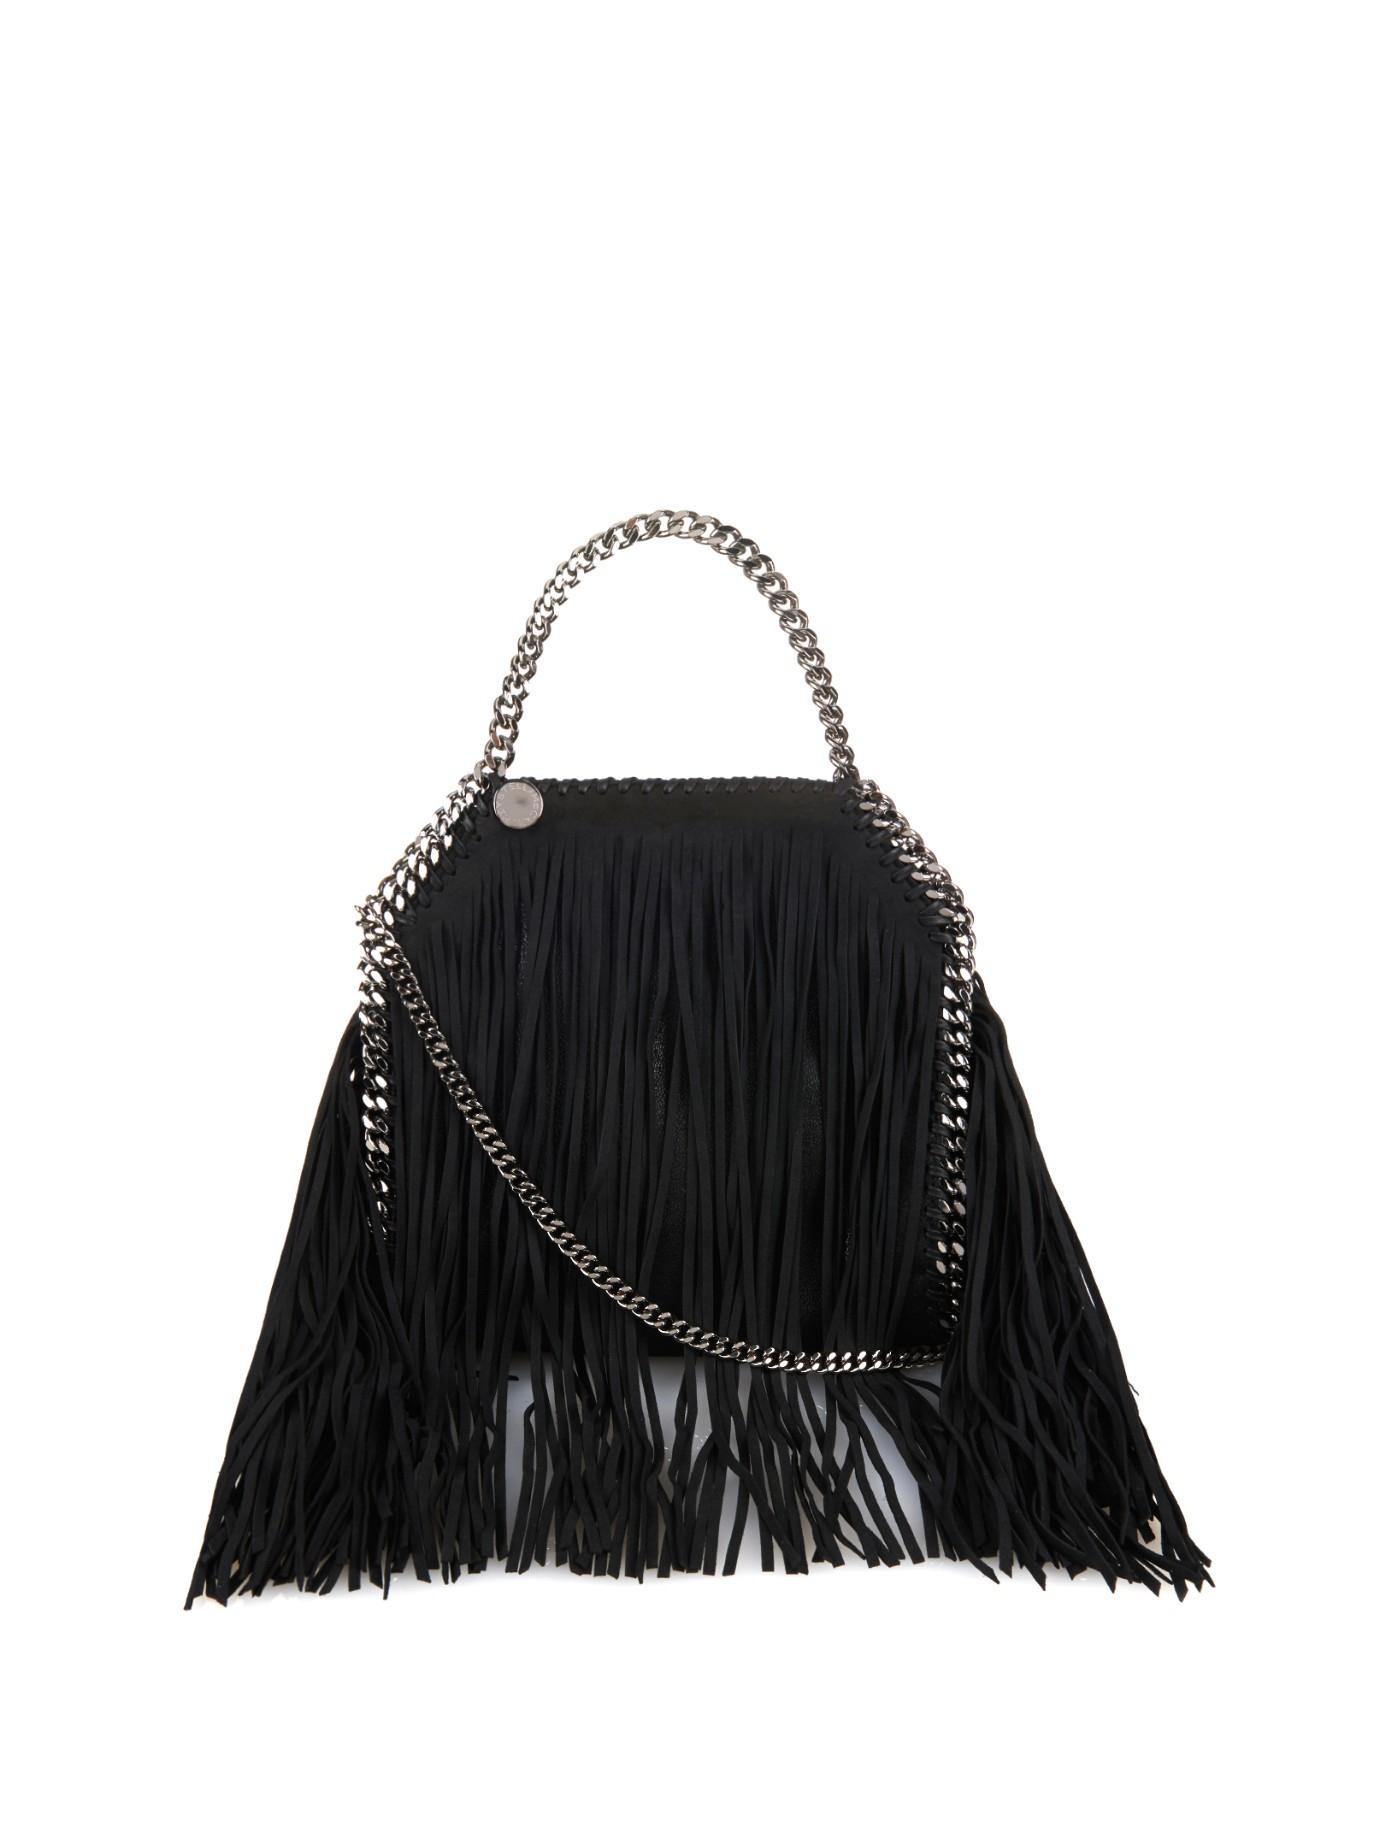 b3b3ce131ed6 Stella McCartney Falabella Fringed Faux-suede Cross-body Bag in ...